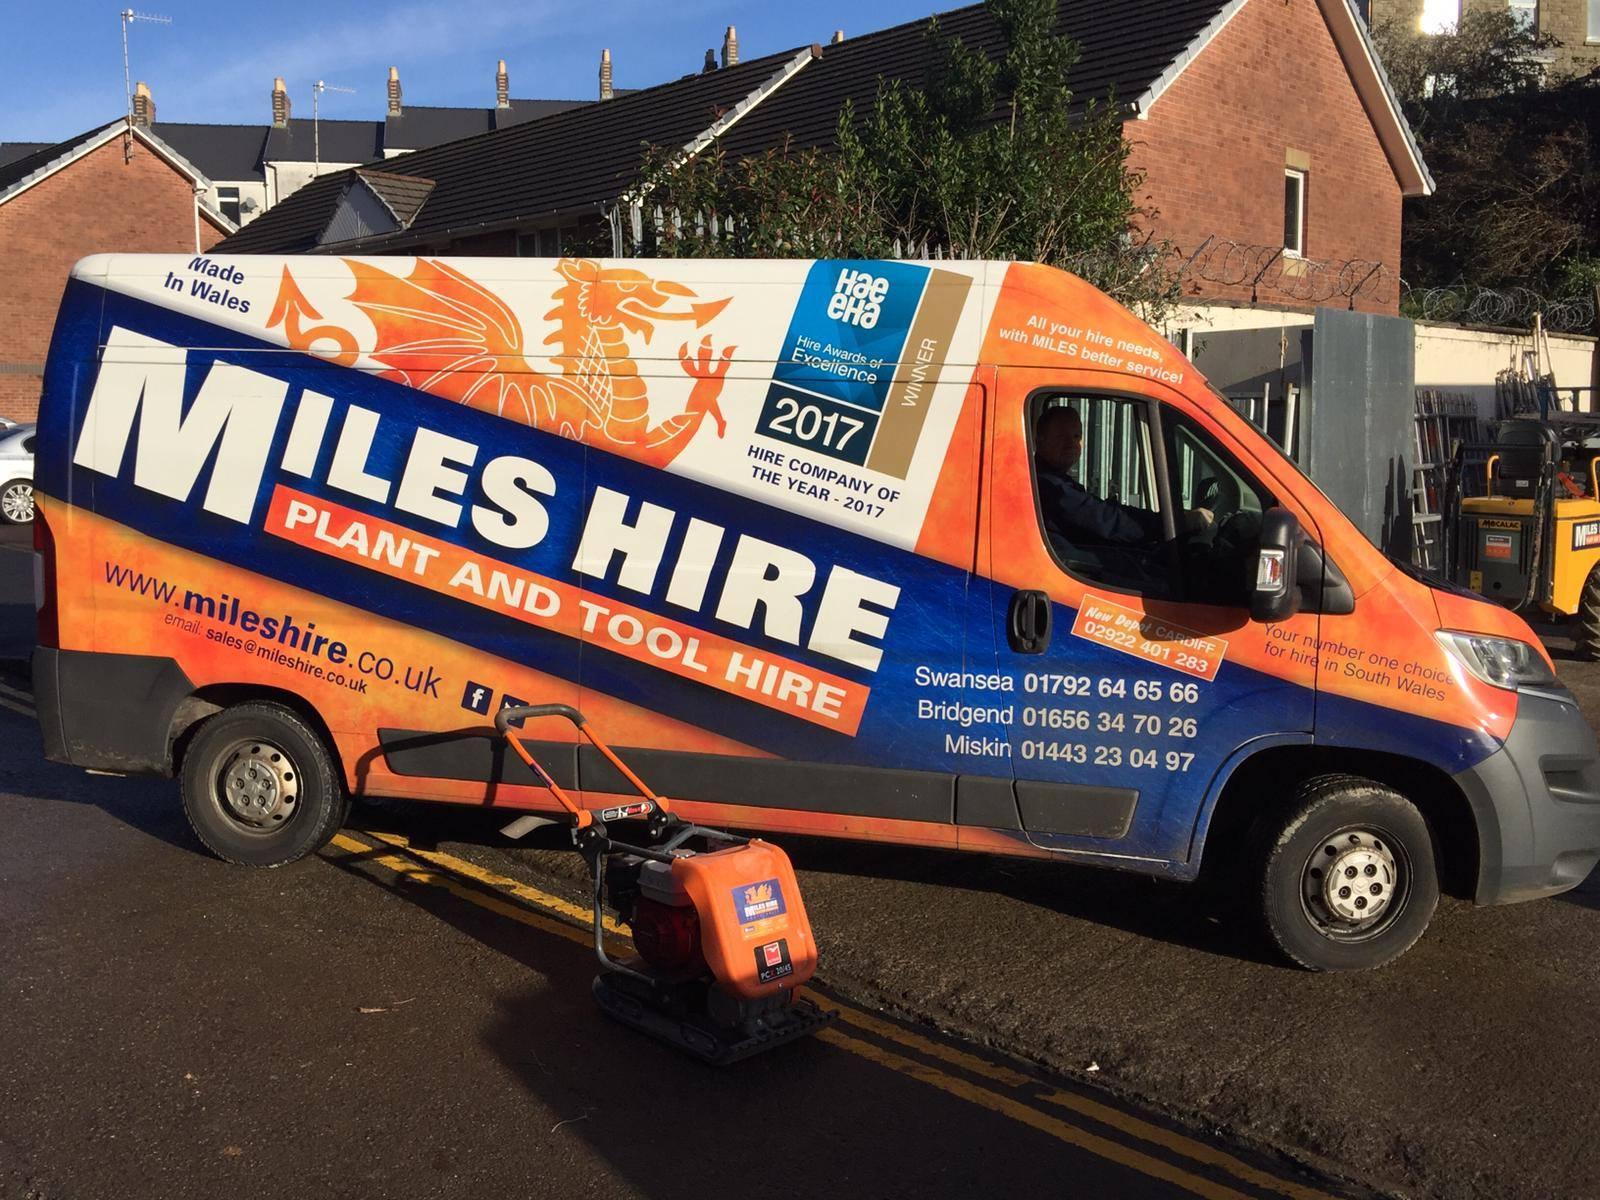 miles hire